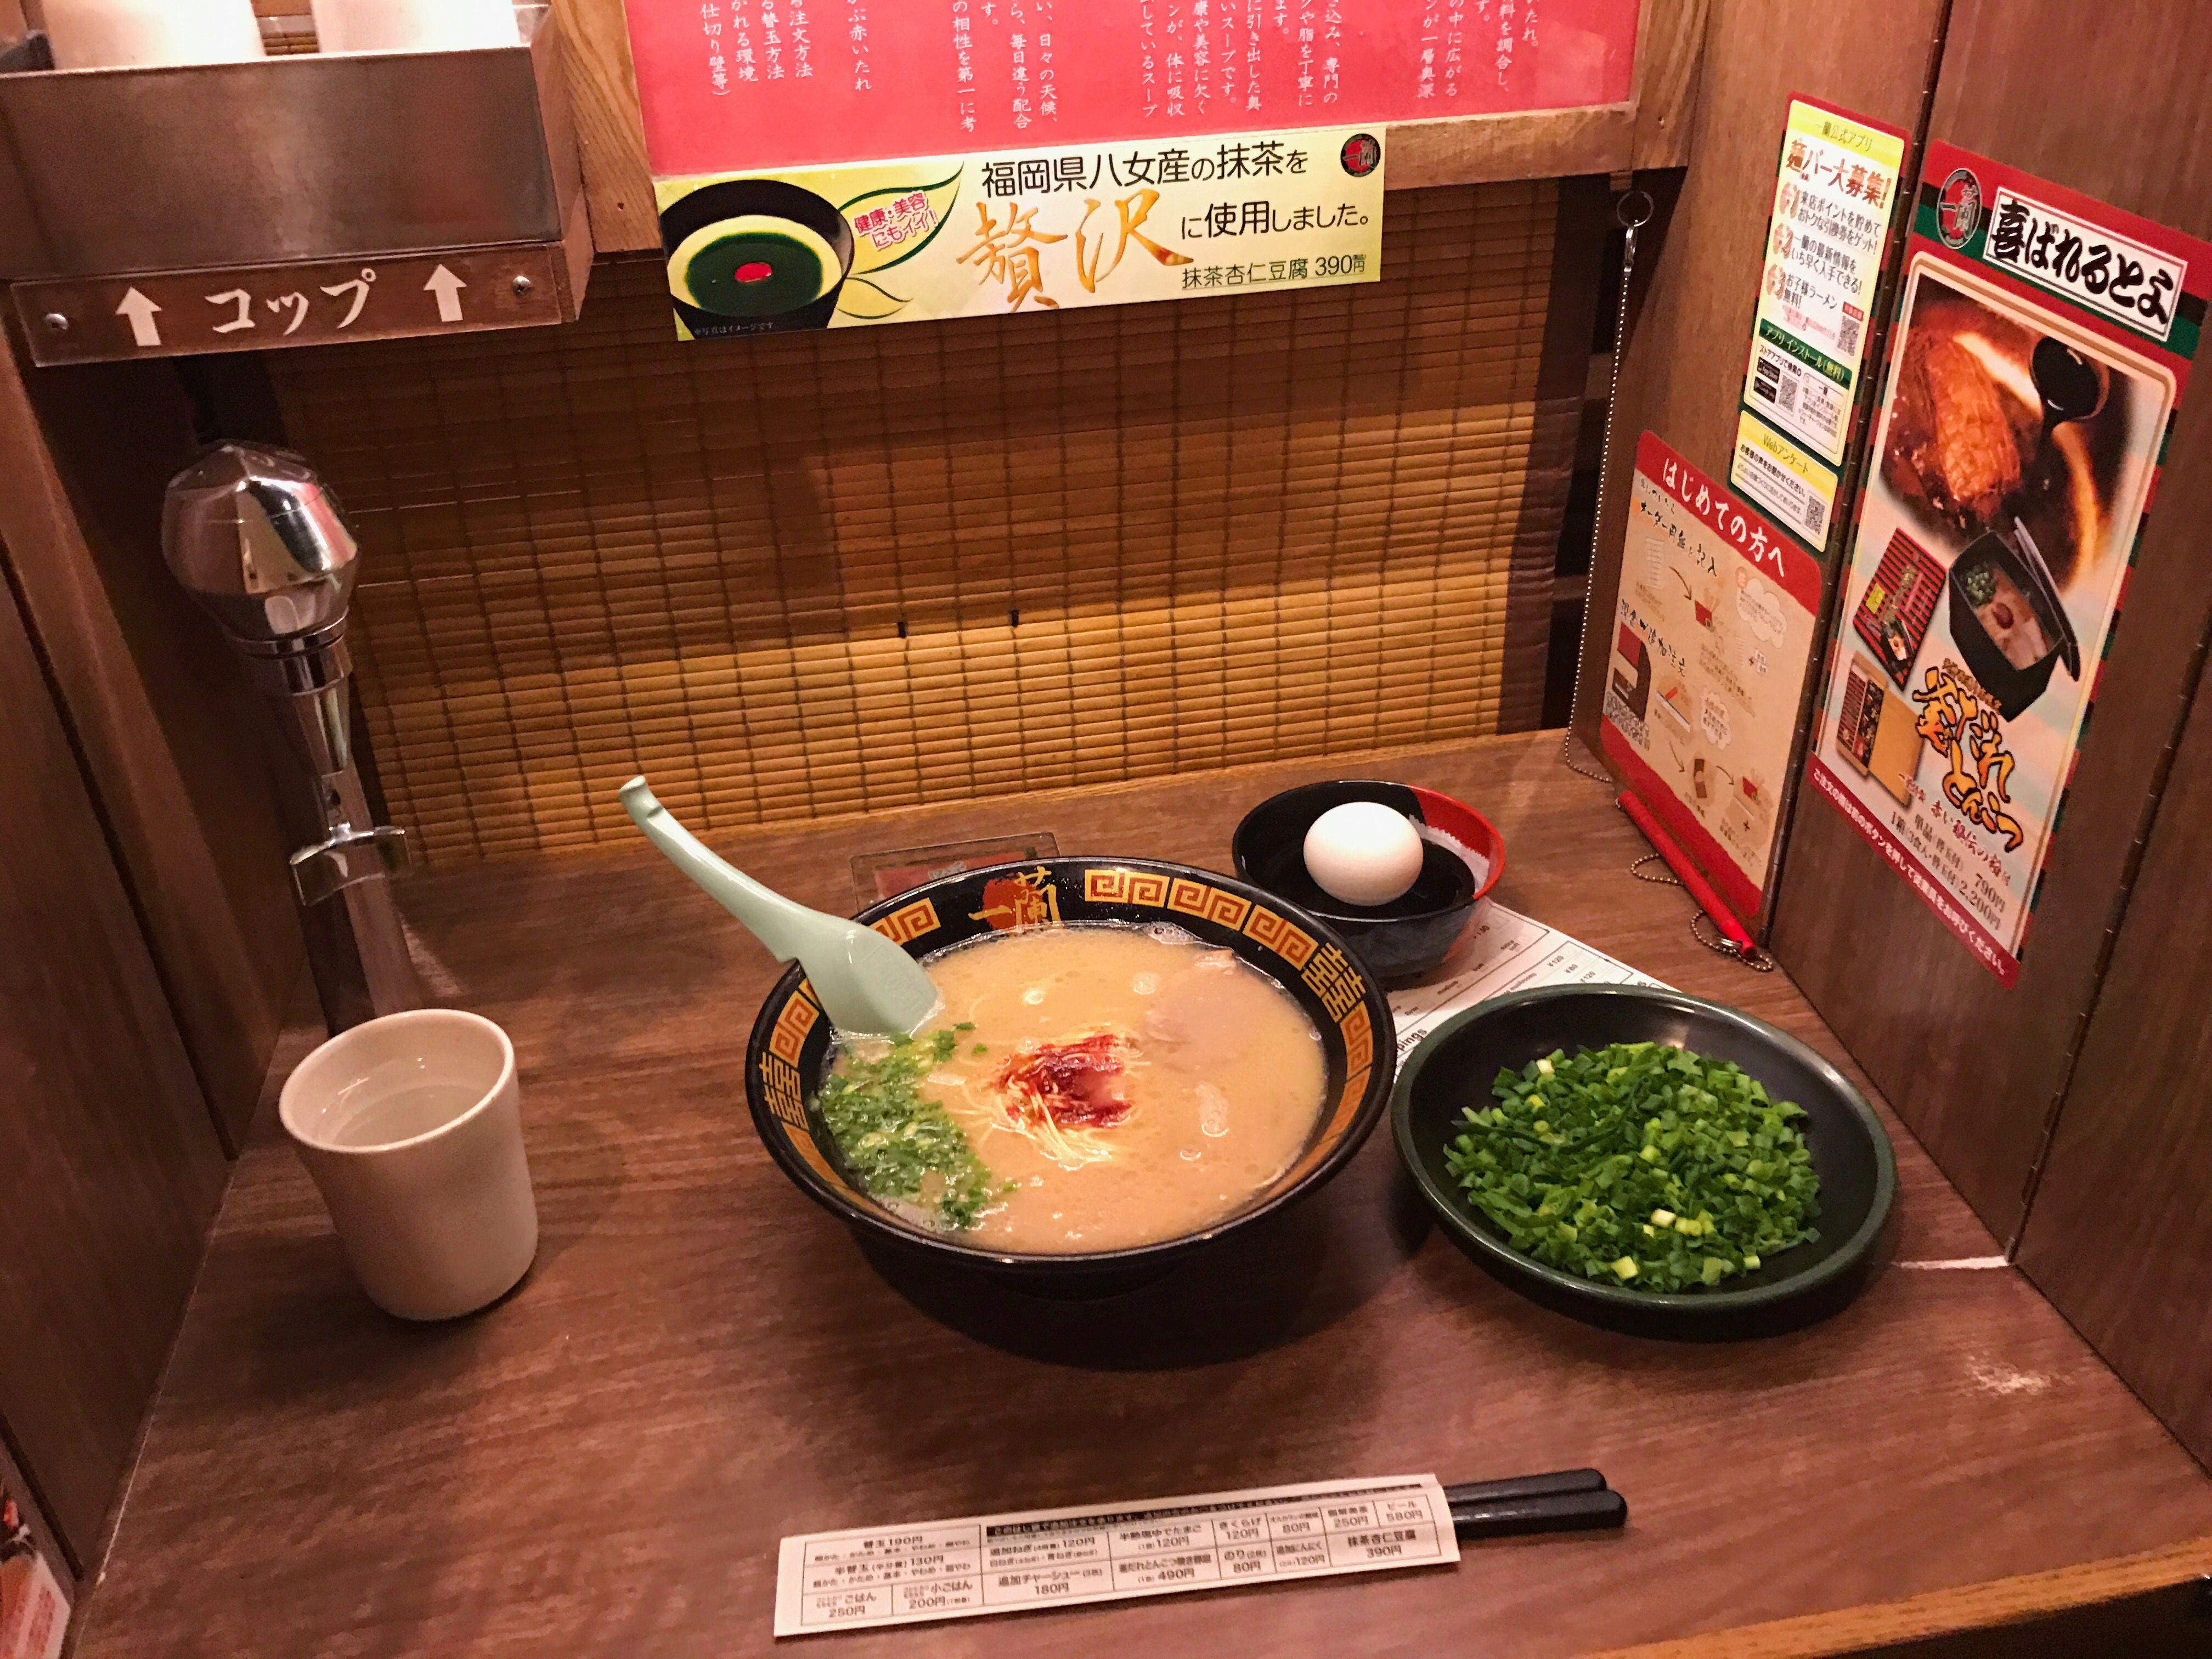 Ichiran Ramen flavor booth with ramen noodle dish